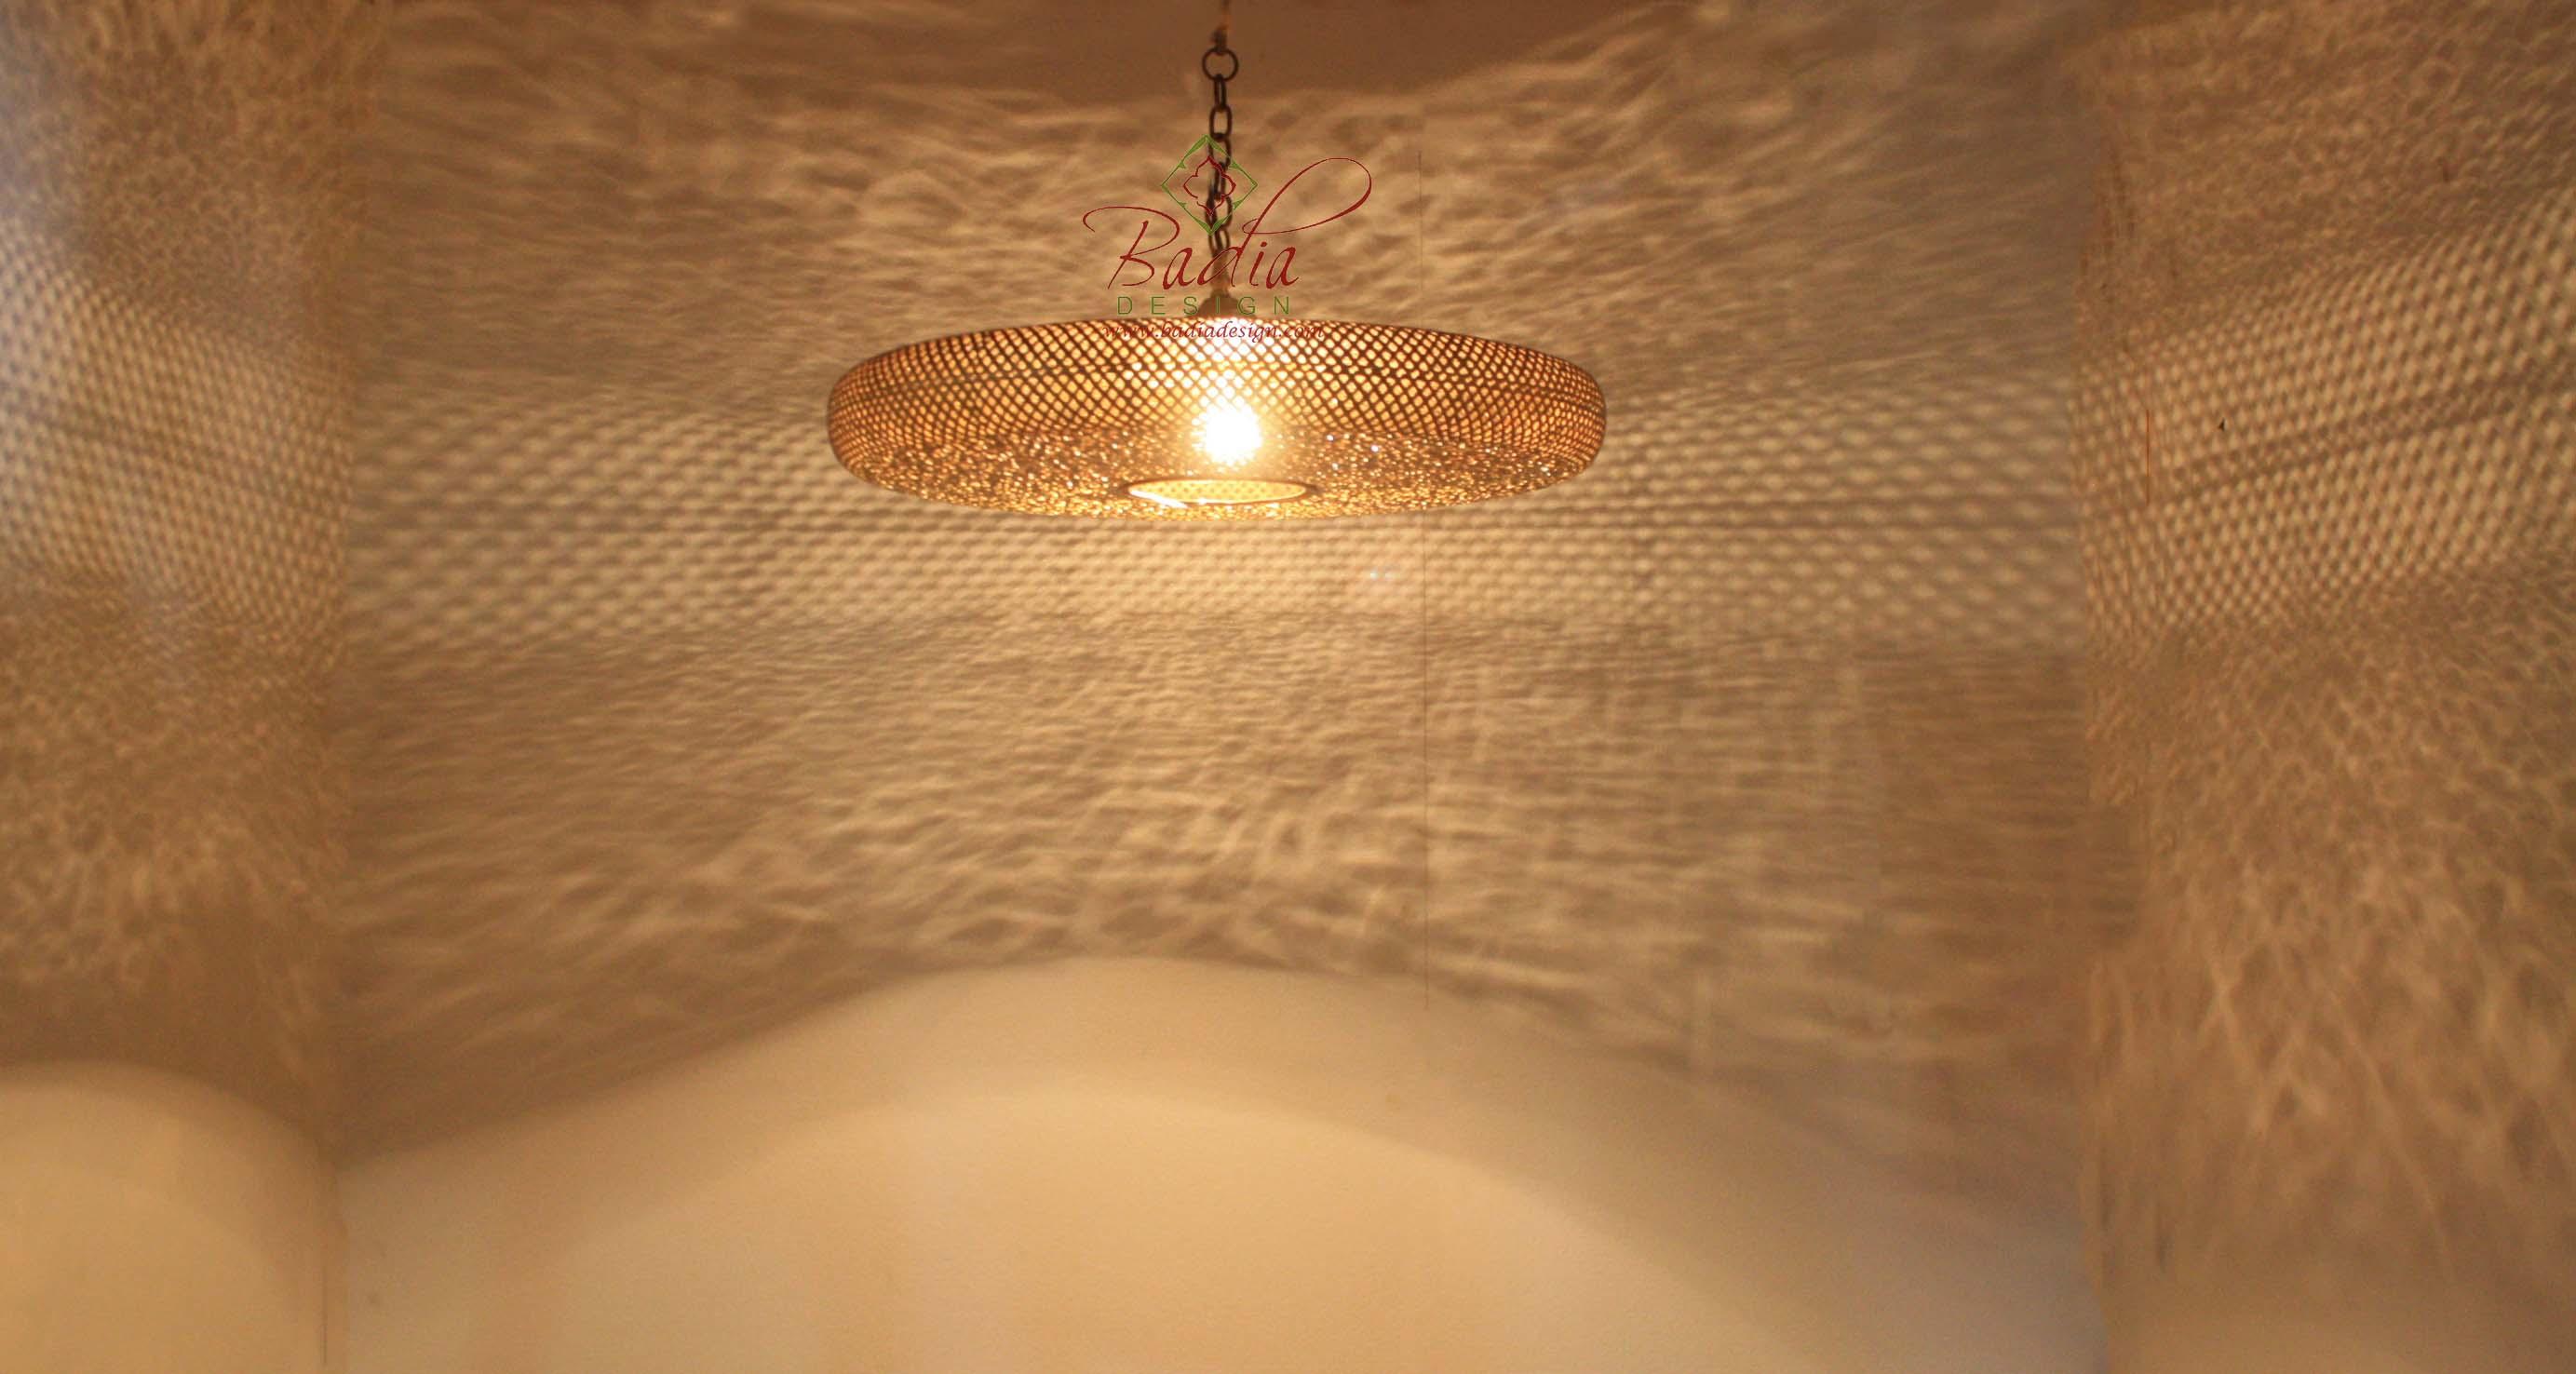 moroccan-saucer-shaped-brass-pendant-light-lig326-1.jpg